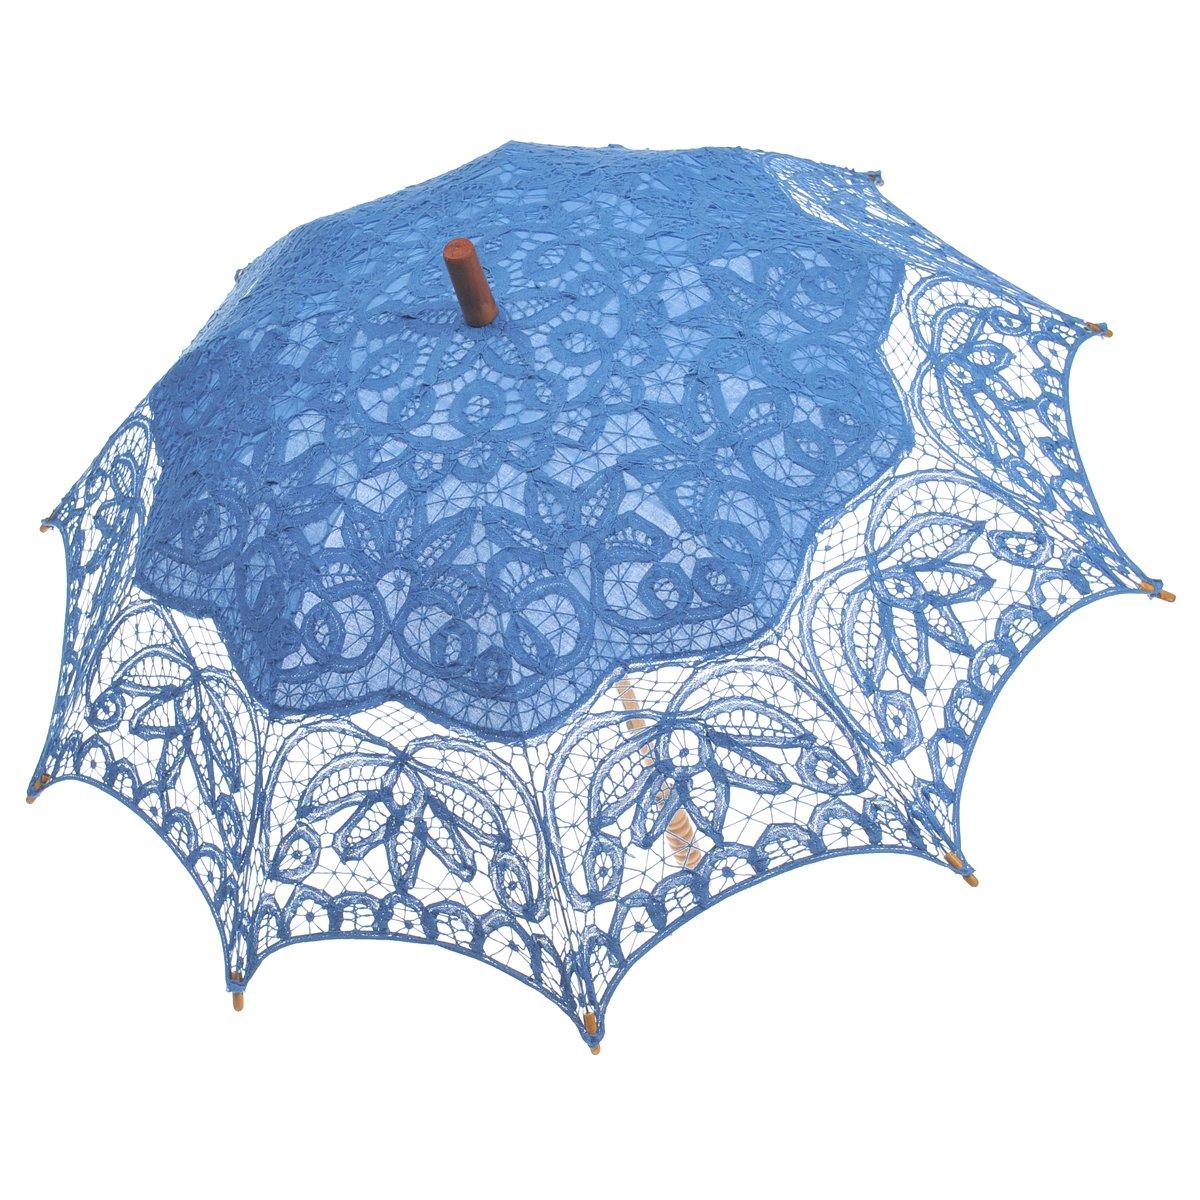 Remedios(19 colors) Vintage Bridal Wedding Party Cotton Lace Parasol Umbrella 0